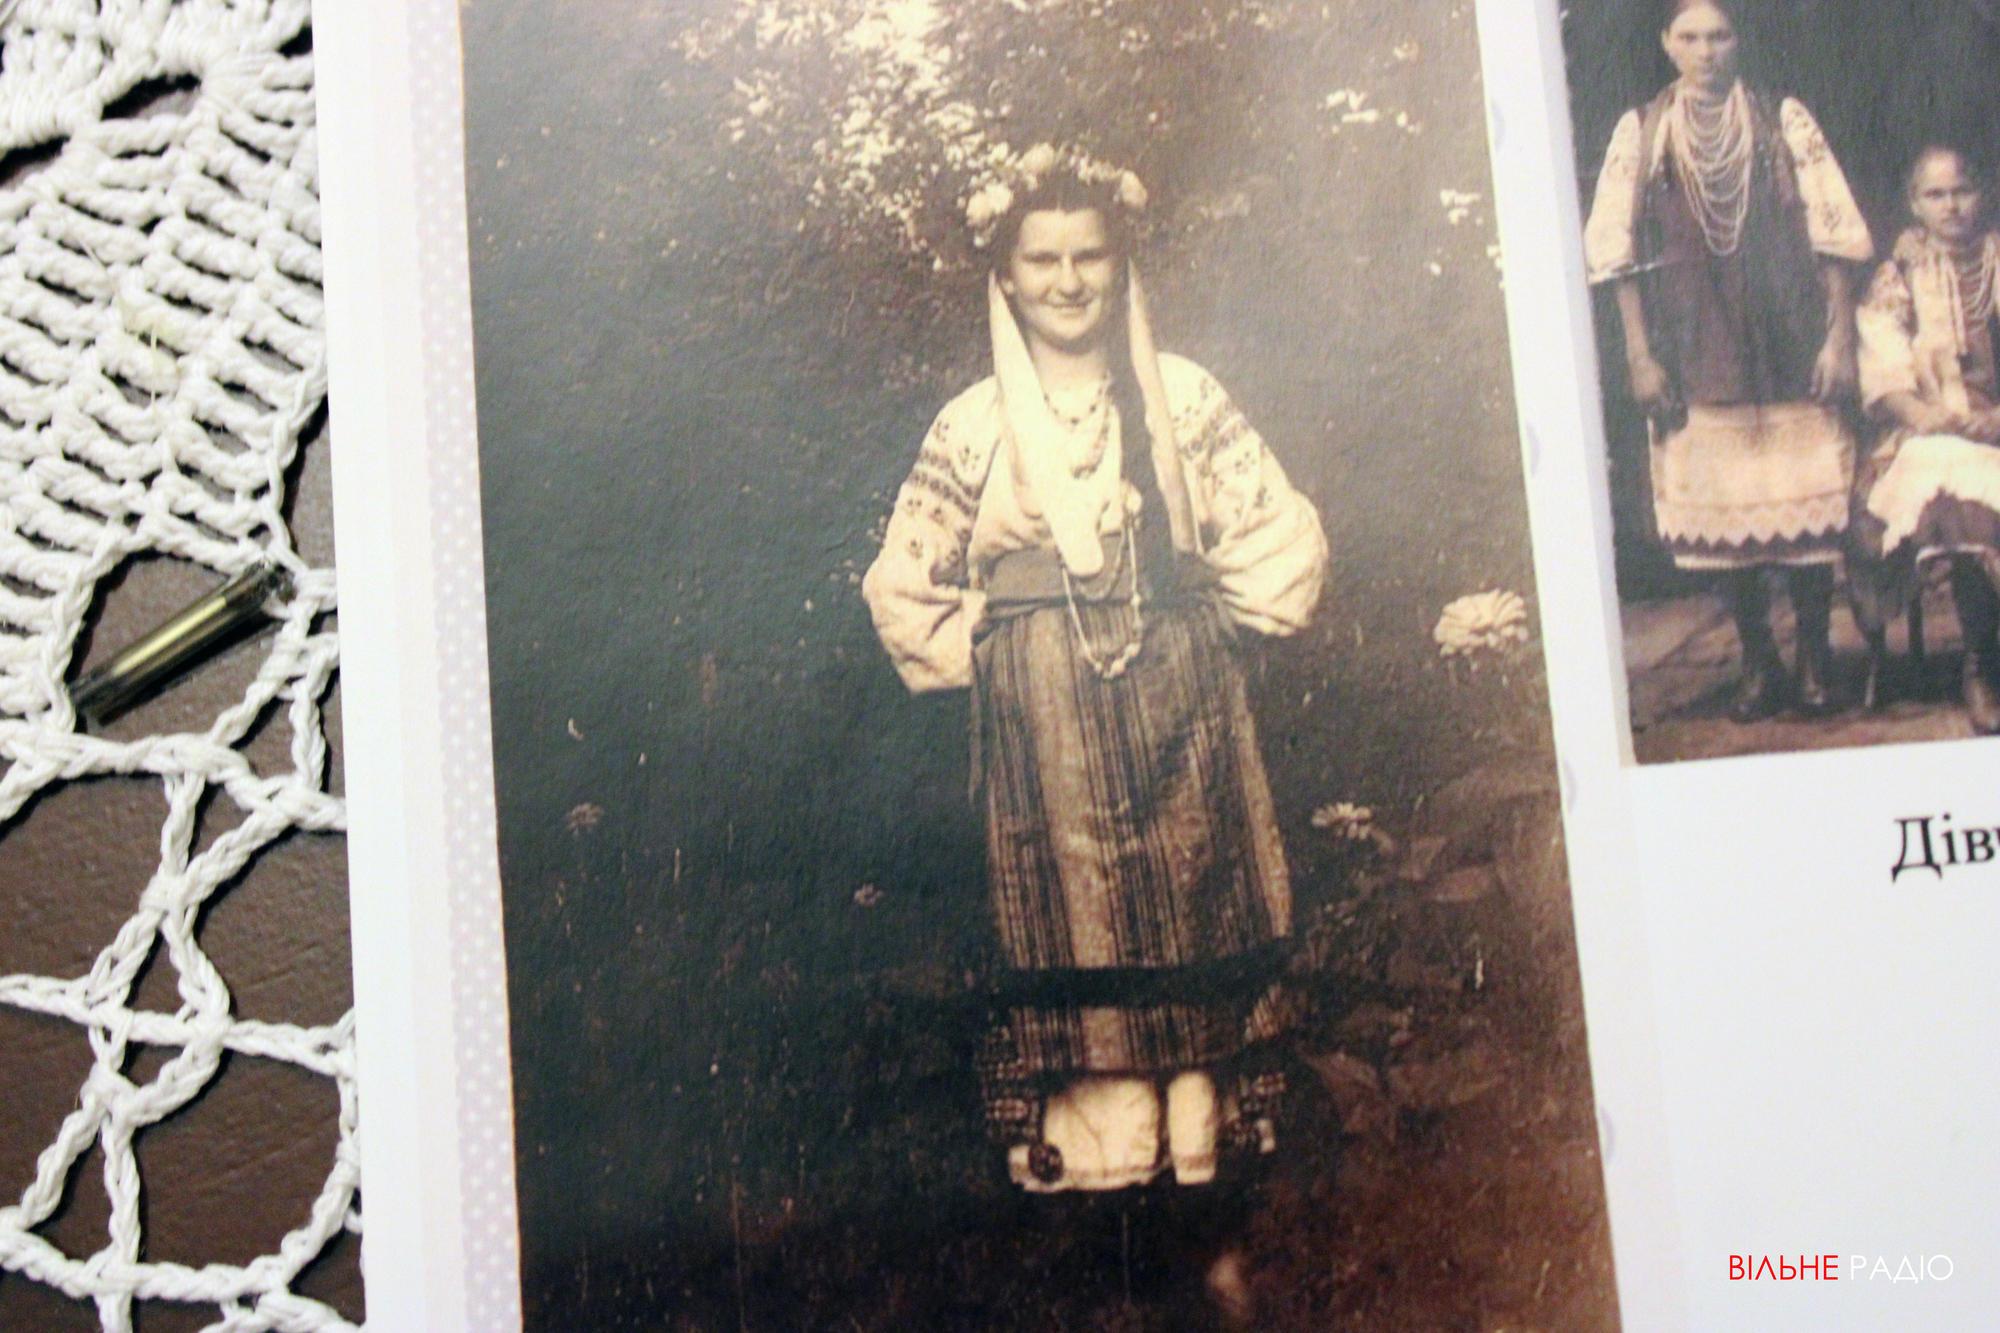 Девушка из Часов Яра Донецкой области, одетая в традиционный украинский наряд